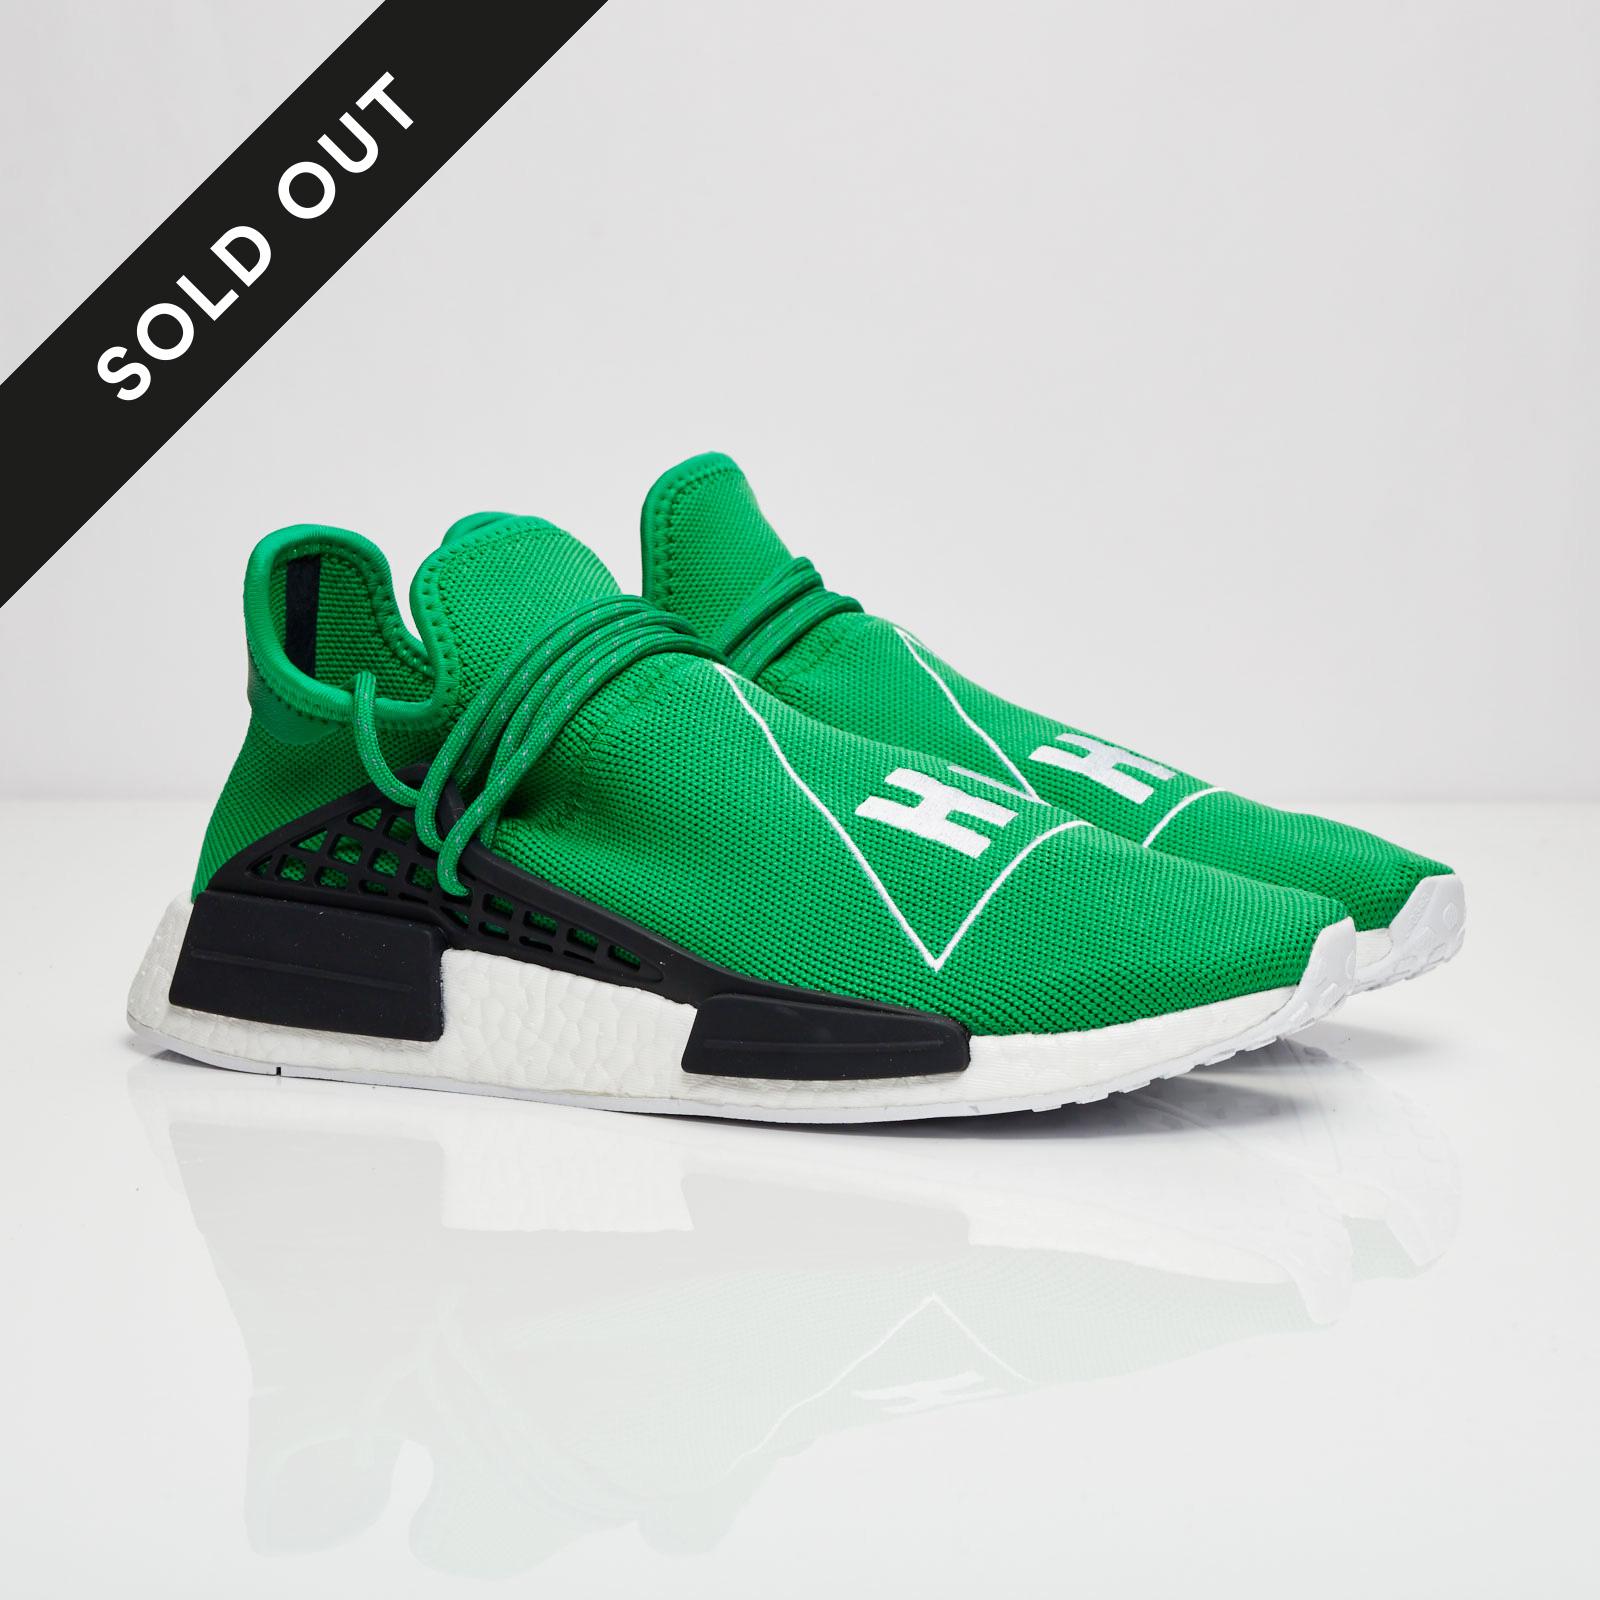 0aa7b738fb3ee adidas PW Human Race NMD - Bb0620 - Sneakersnstuff